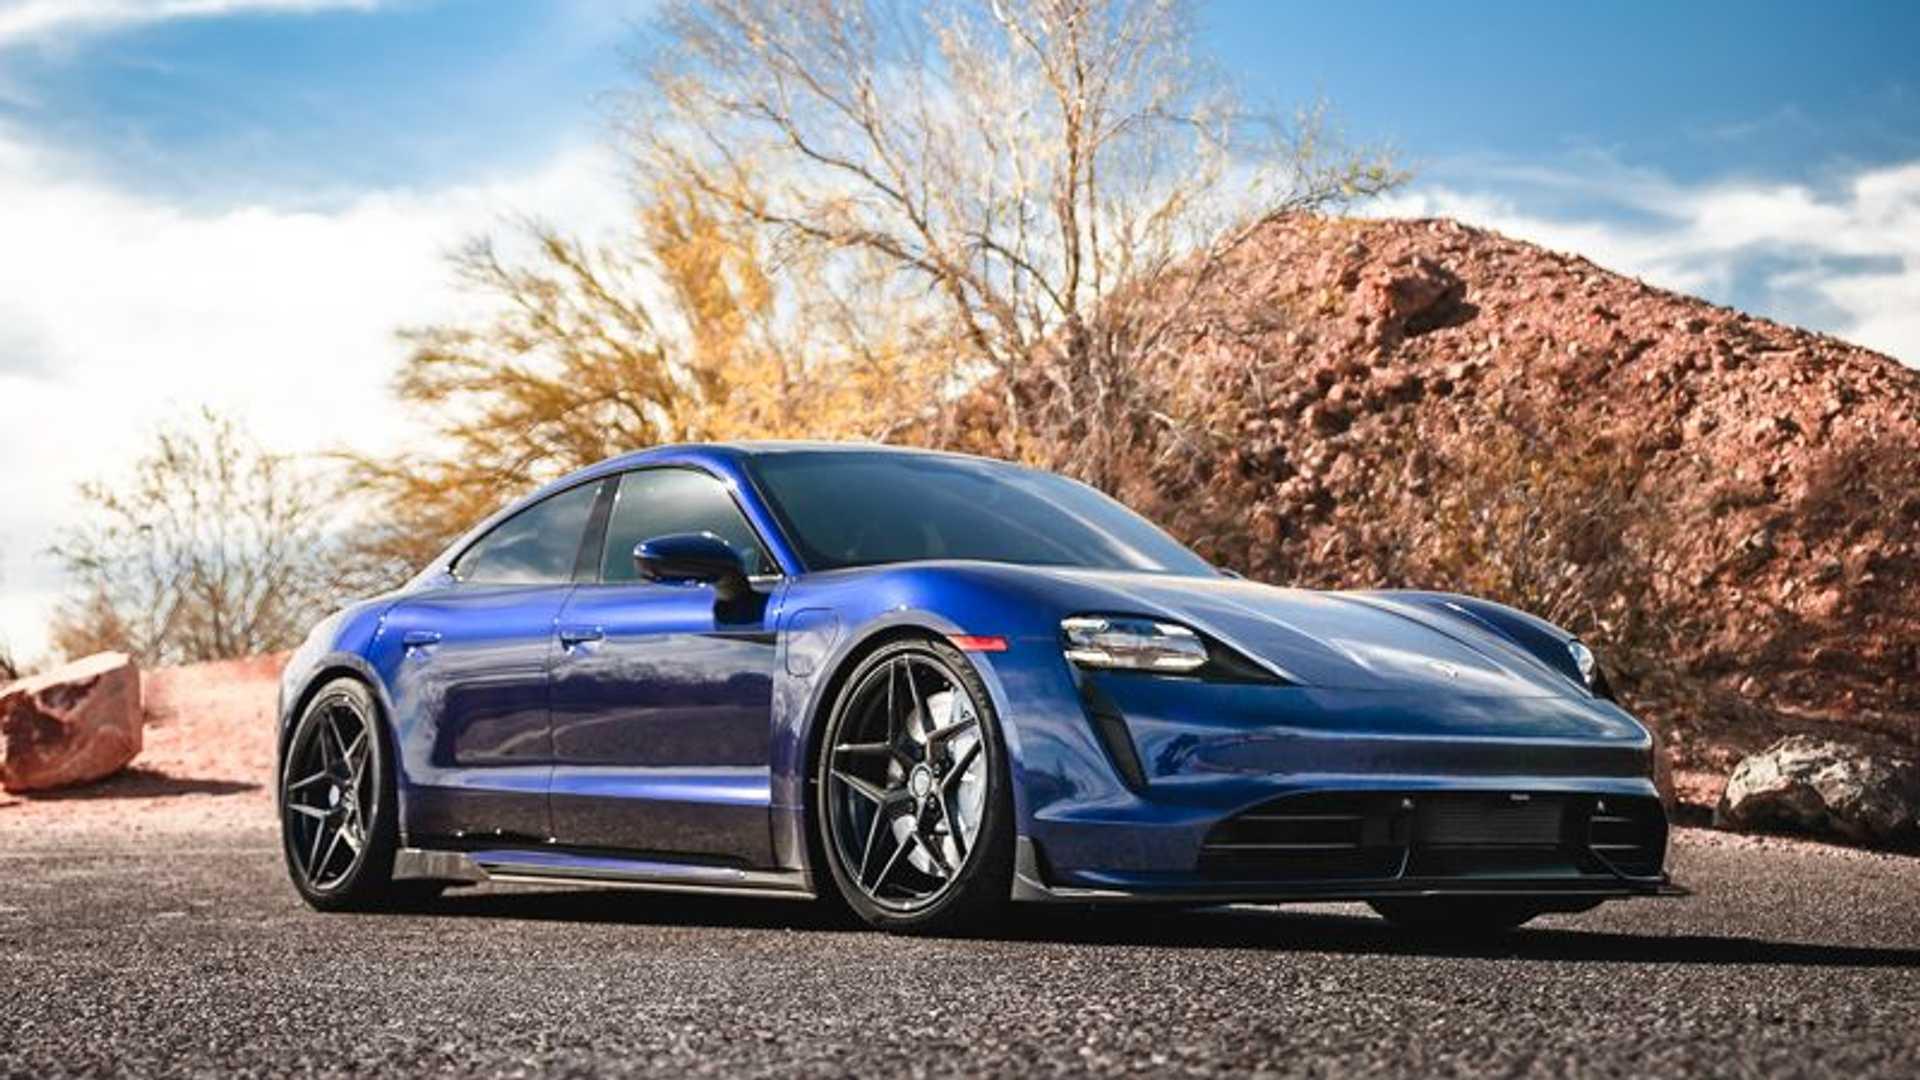 Porsche-Taycan-by-Vivid-Racing-8